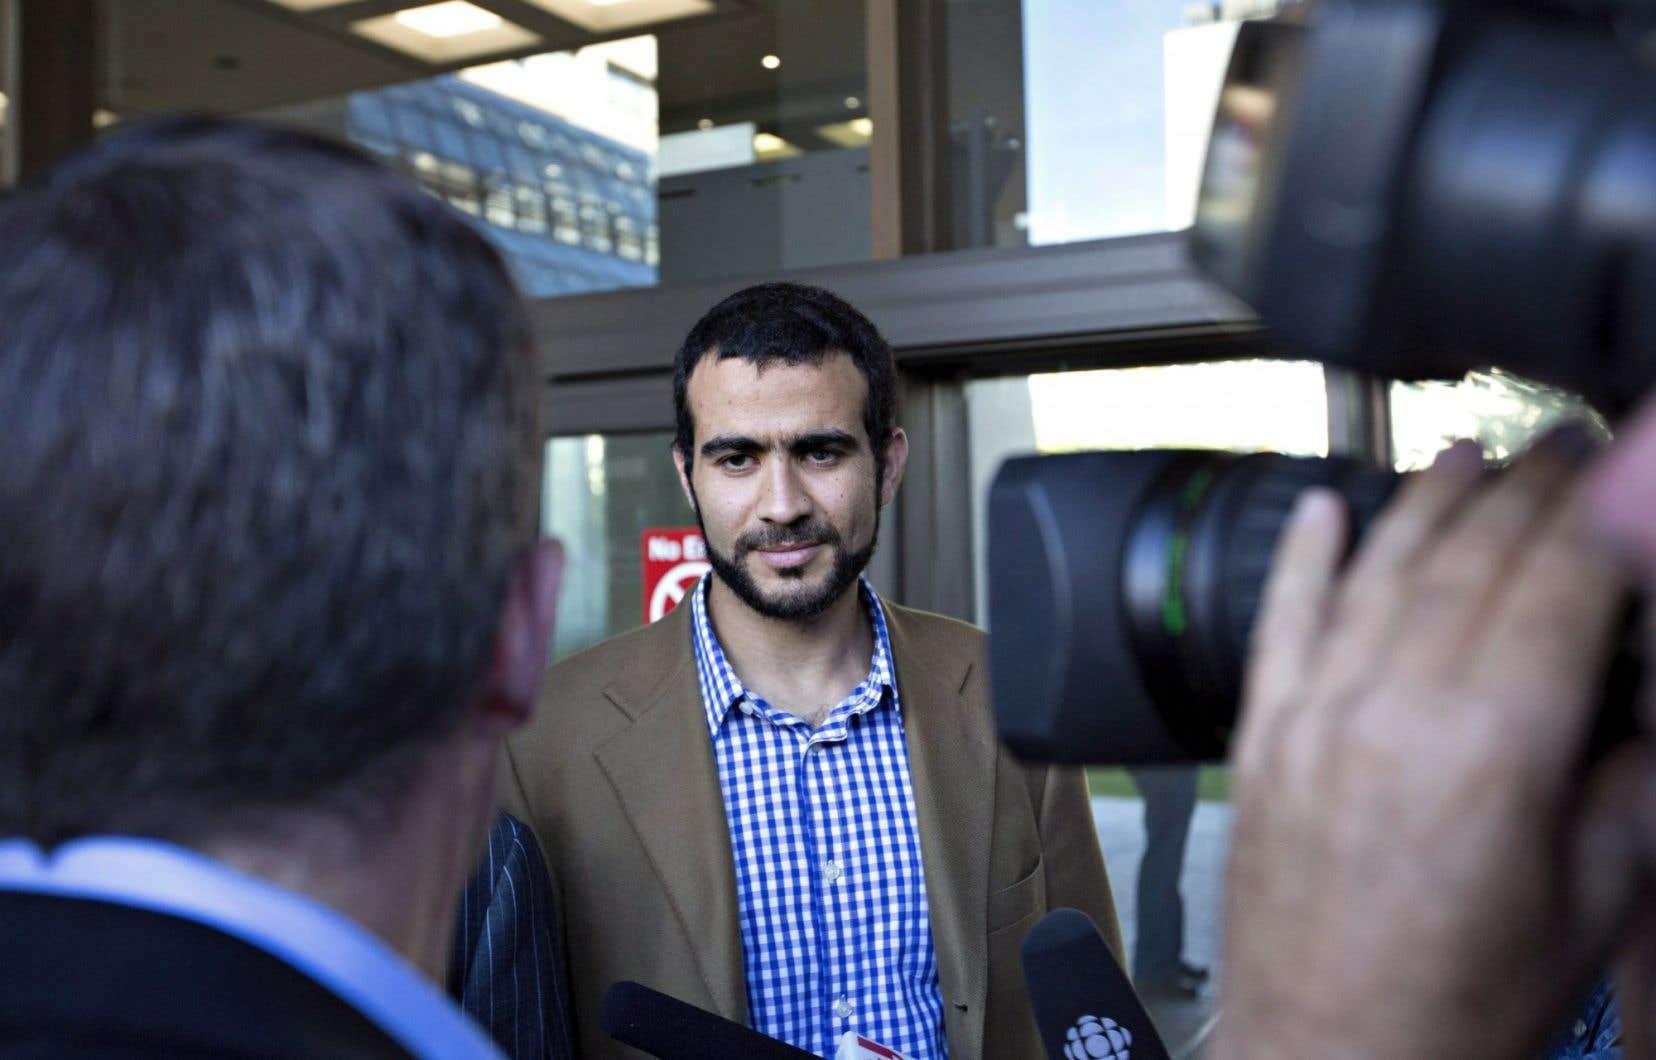 Les requérants américains souhaitent que le tribunal force Omar Khadr à dévoiler ses actifs financiers, mais selon son avocat, son client a tout à fait le droit de demeurer discret à ce chapitre.